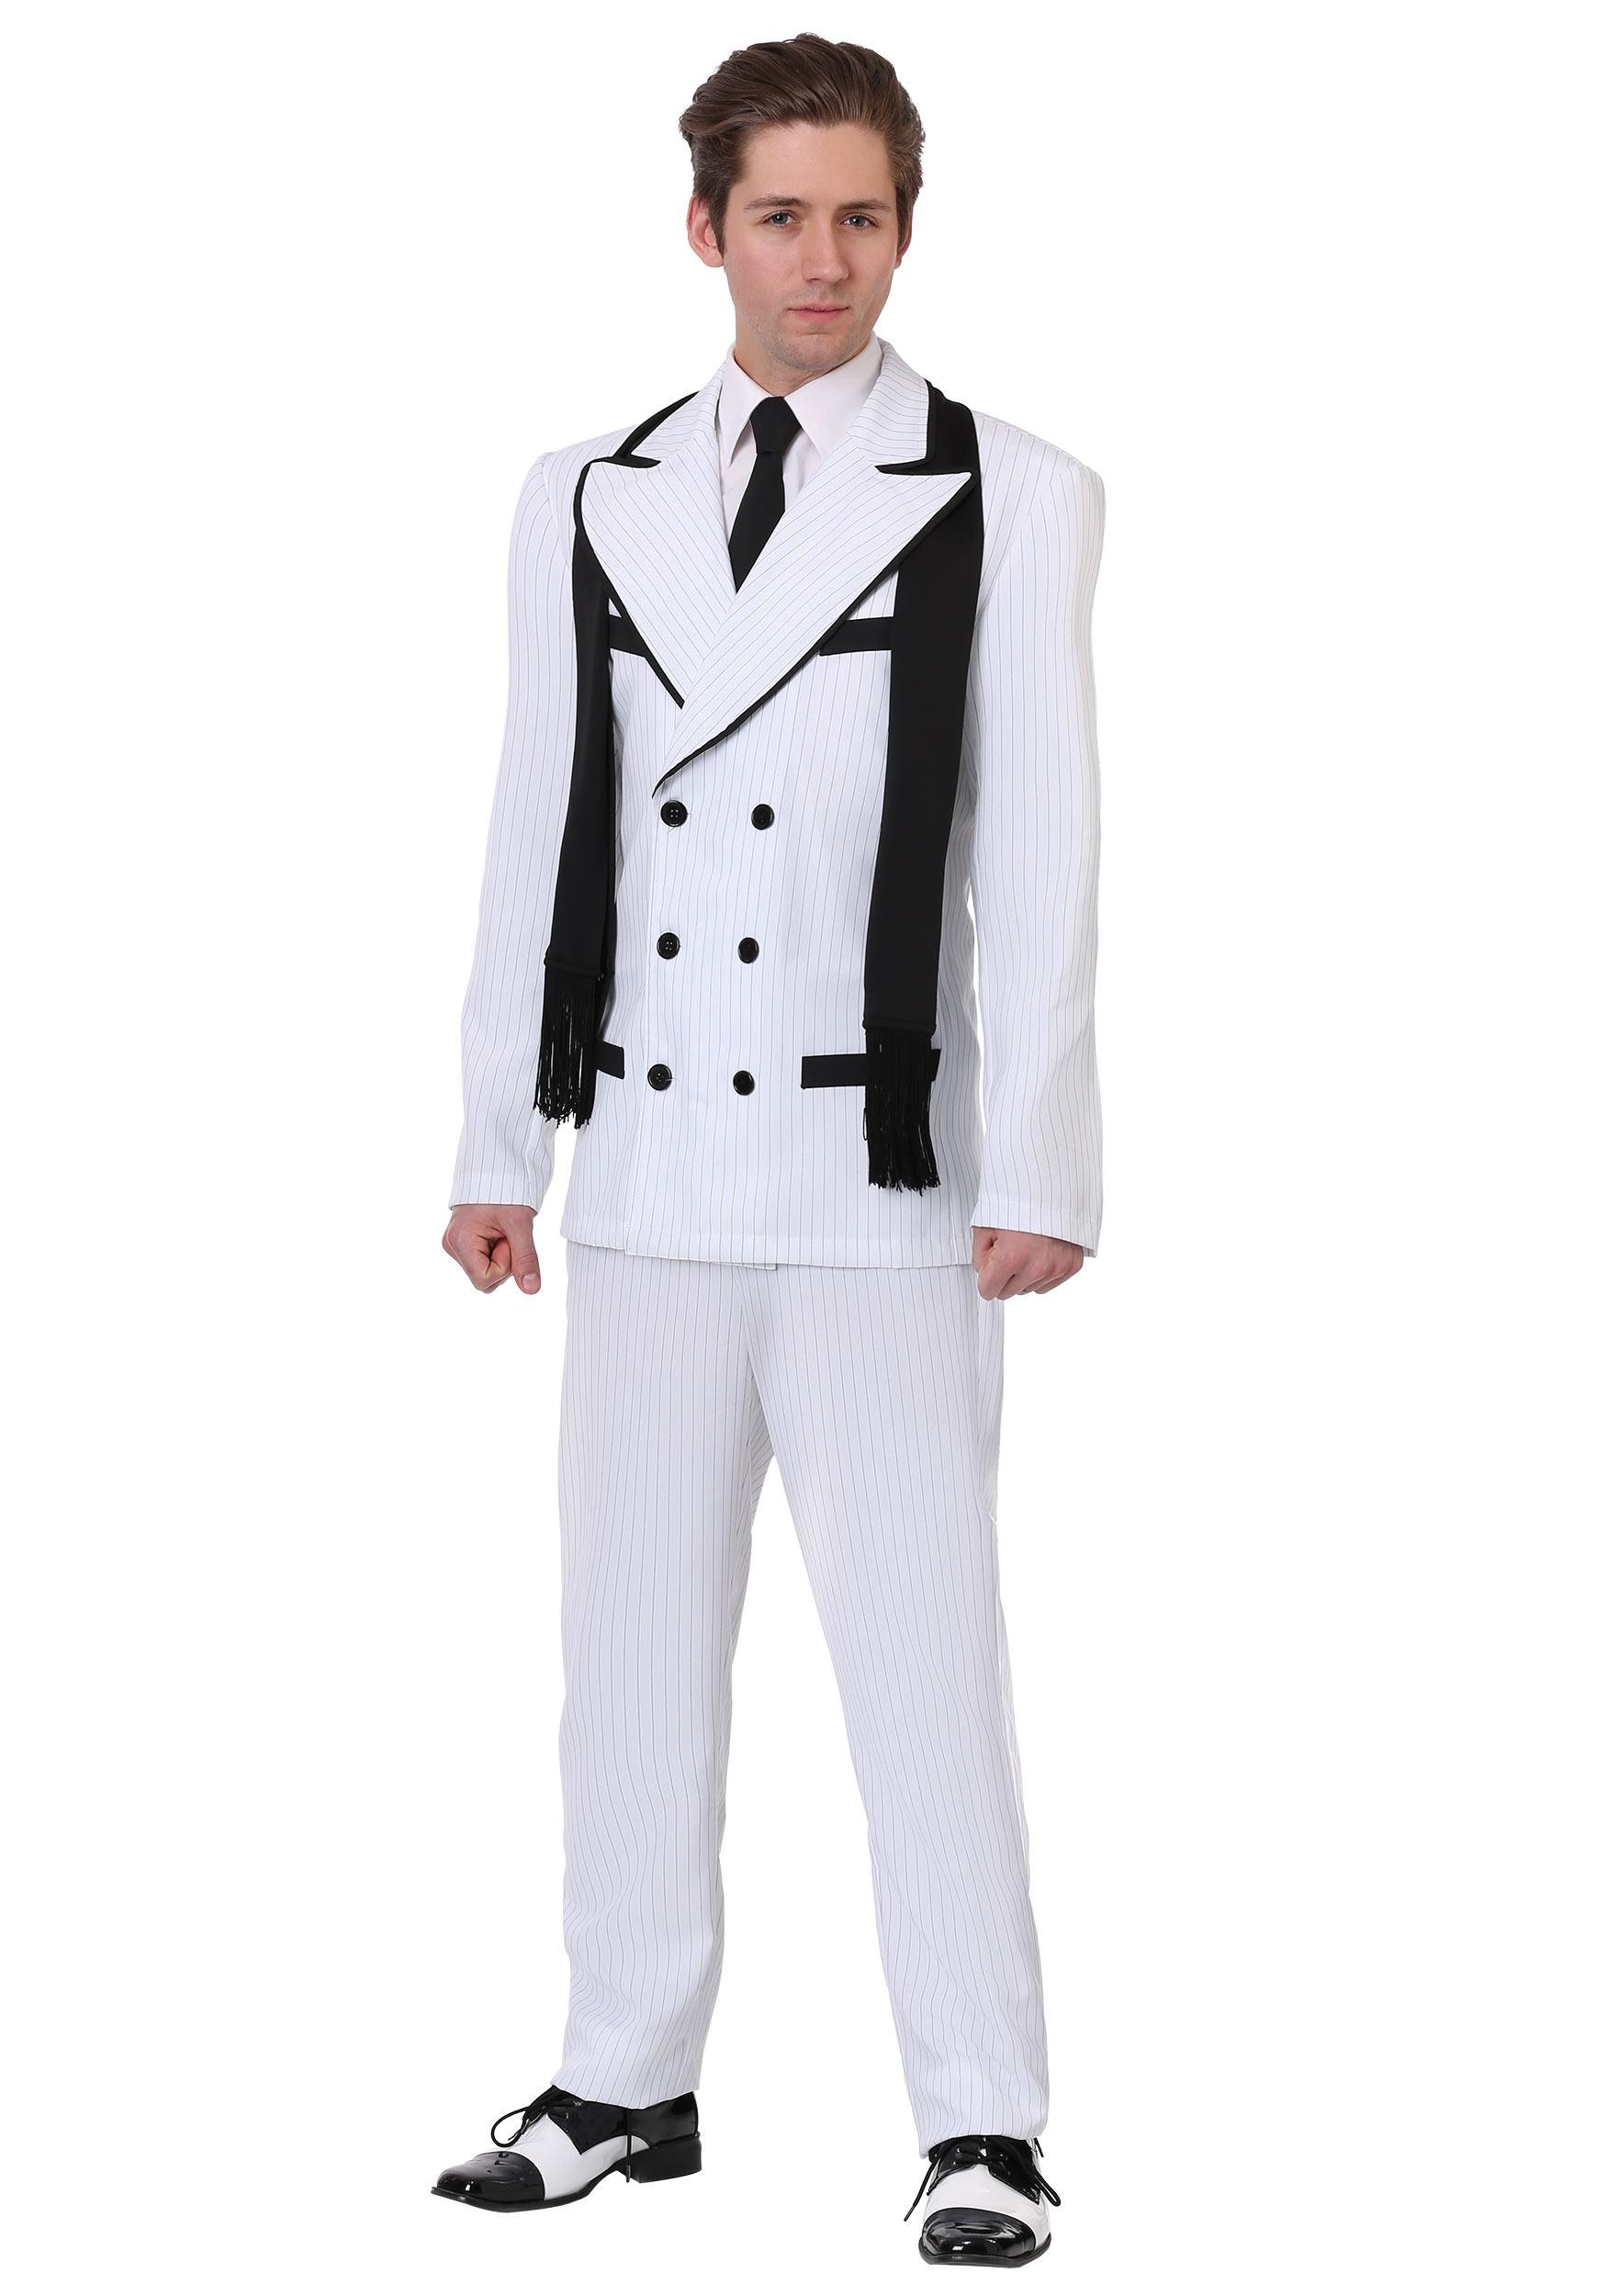 Greedy Gangster Costume for Men